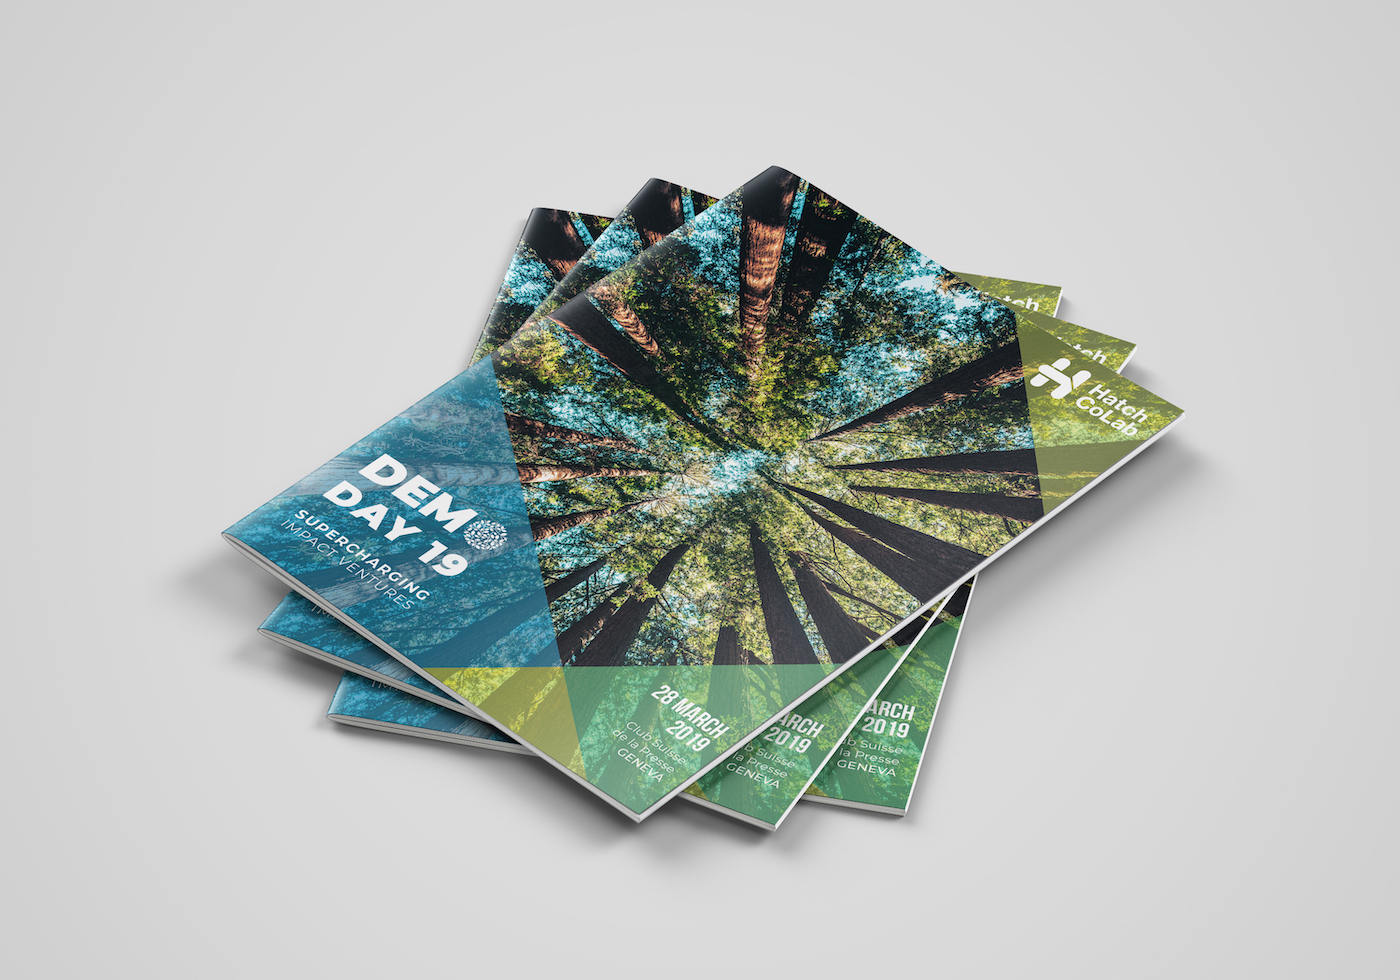 Tas de 3 brochures Hatch Colab